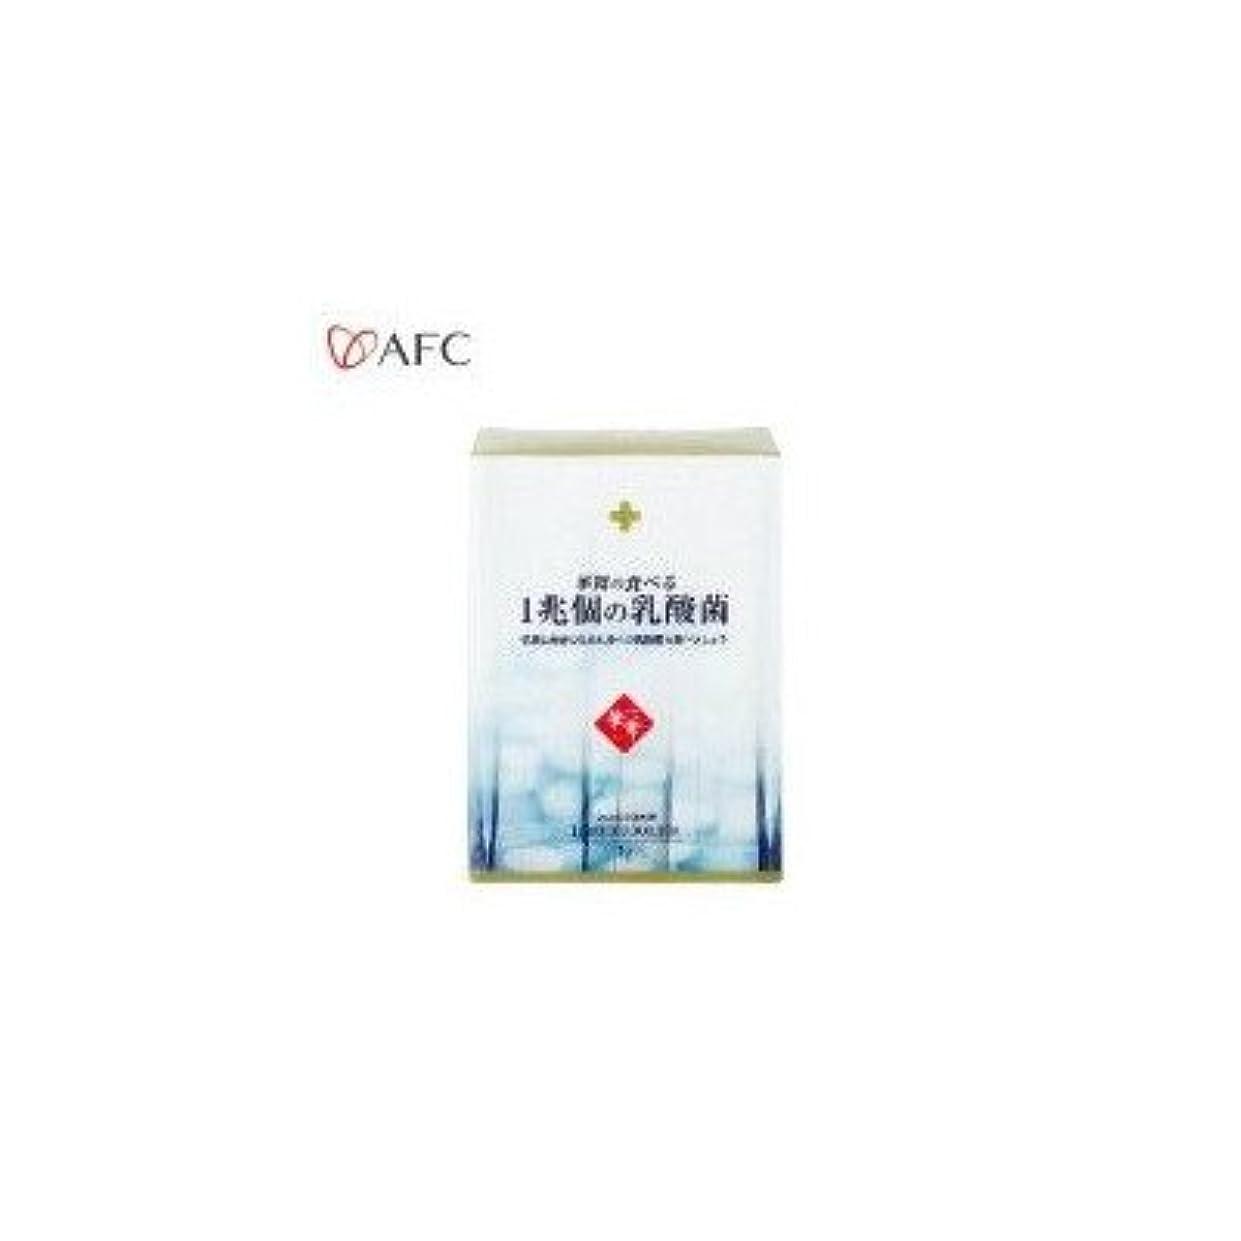 ワイン厚くする優雅AFC 華舞シリーズ 華舞の1兆個の乳酸菌 スティックタイプ 30g(1g×30本) 3222